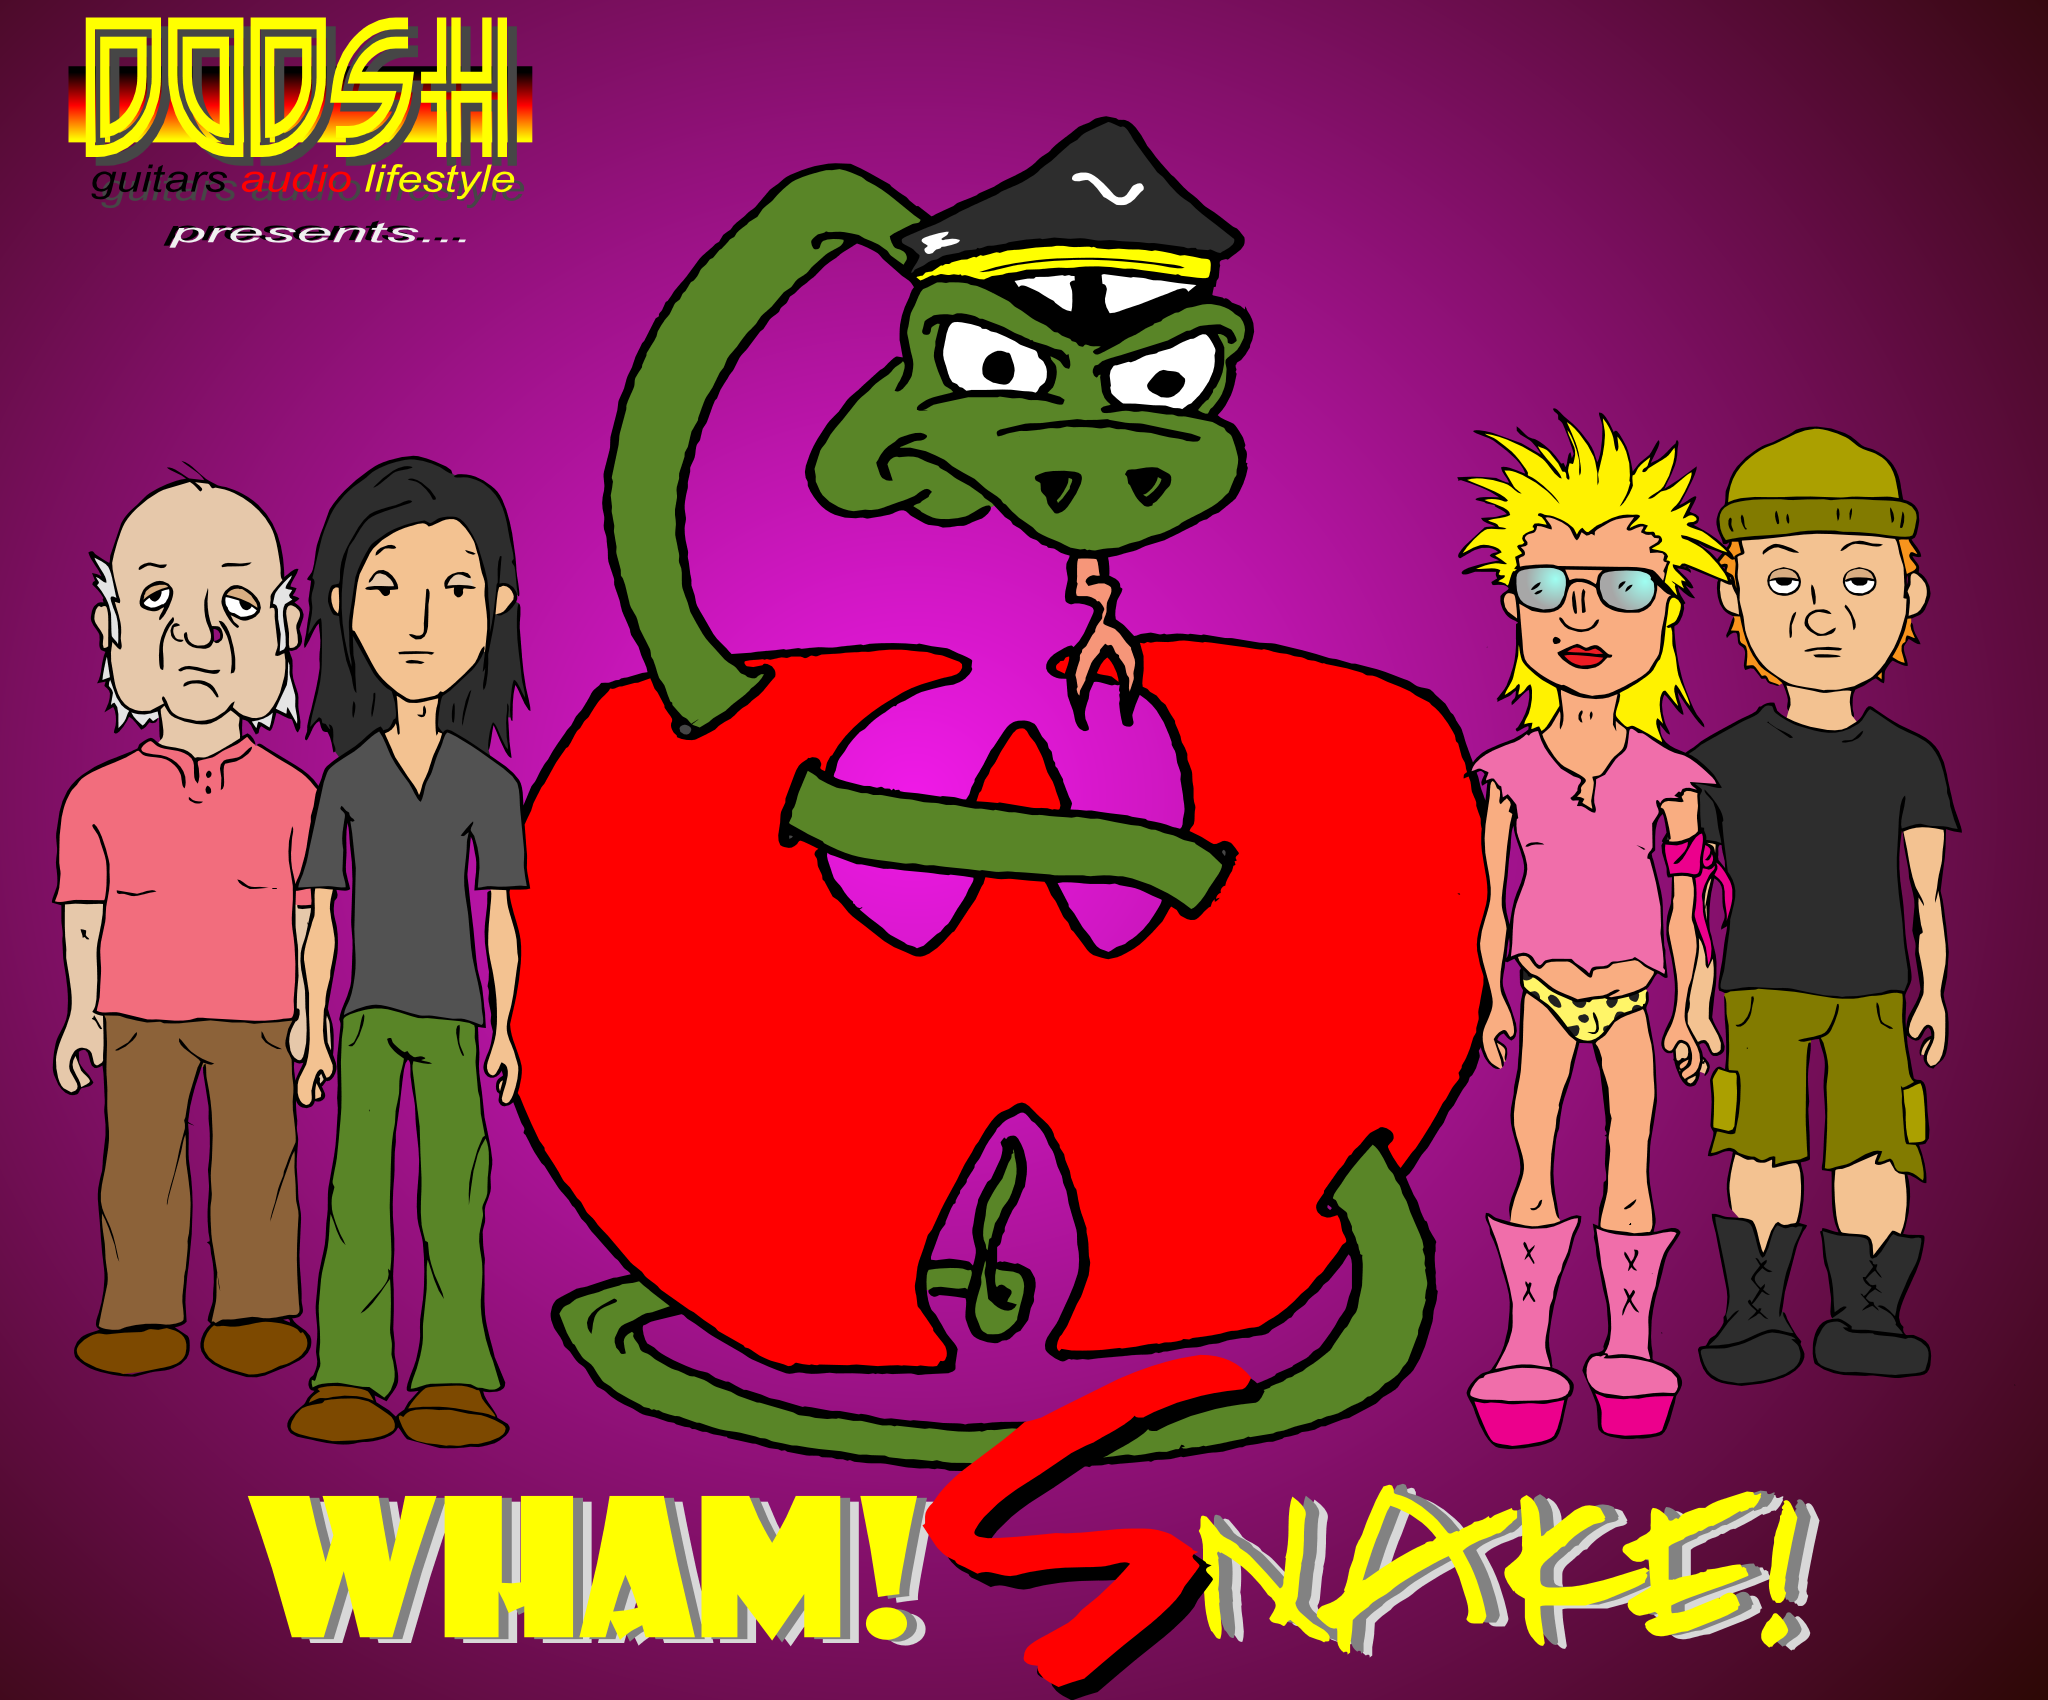 Wham!Snake